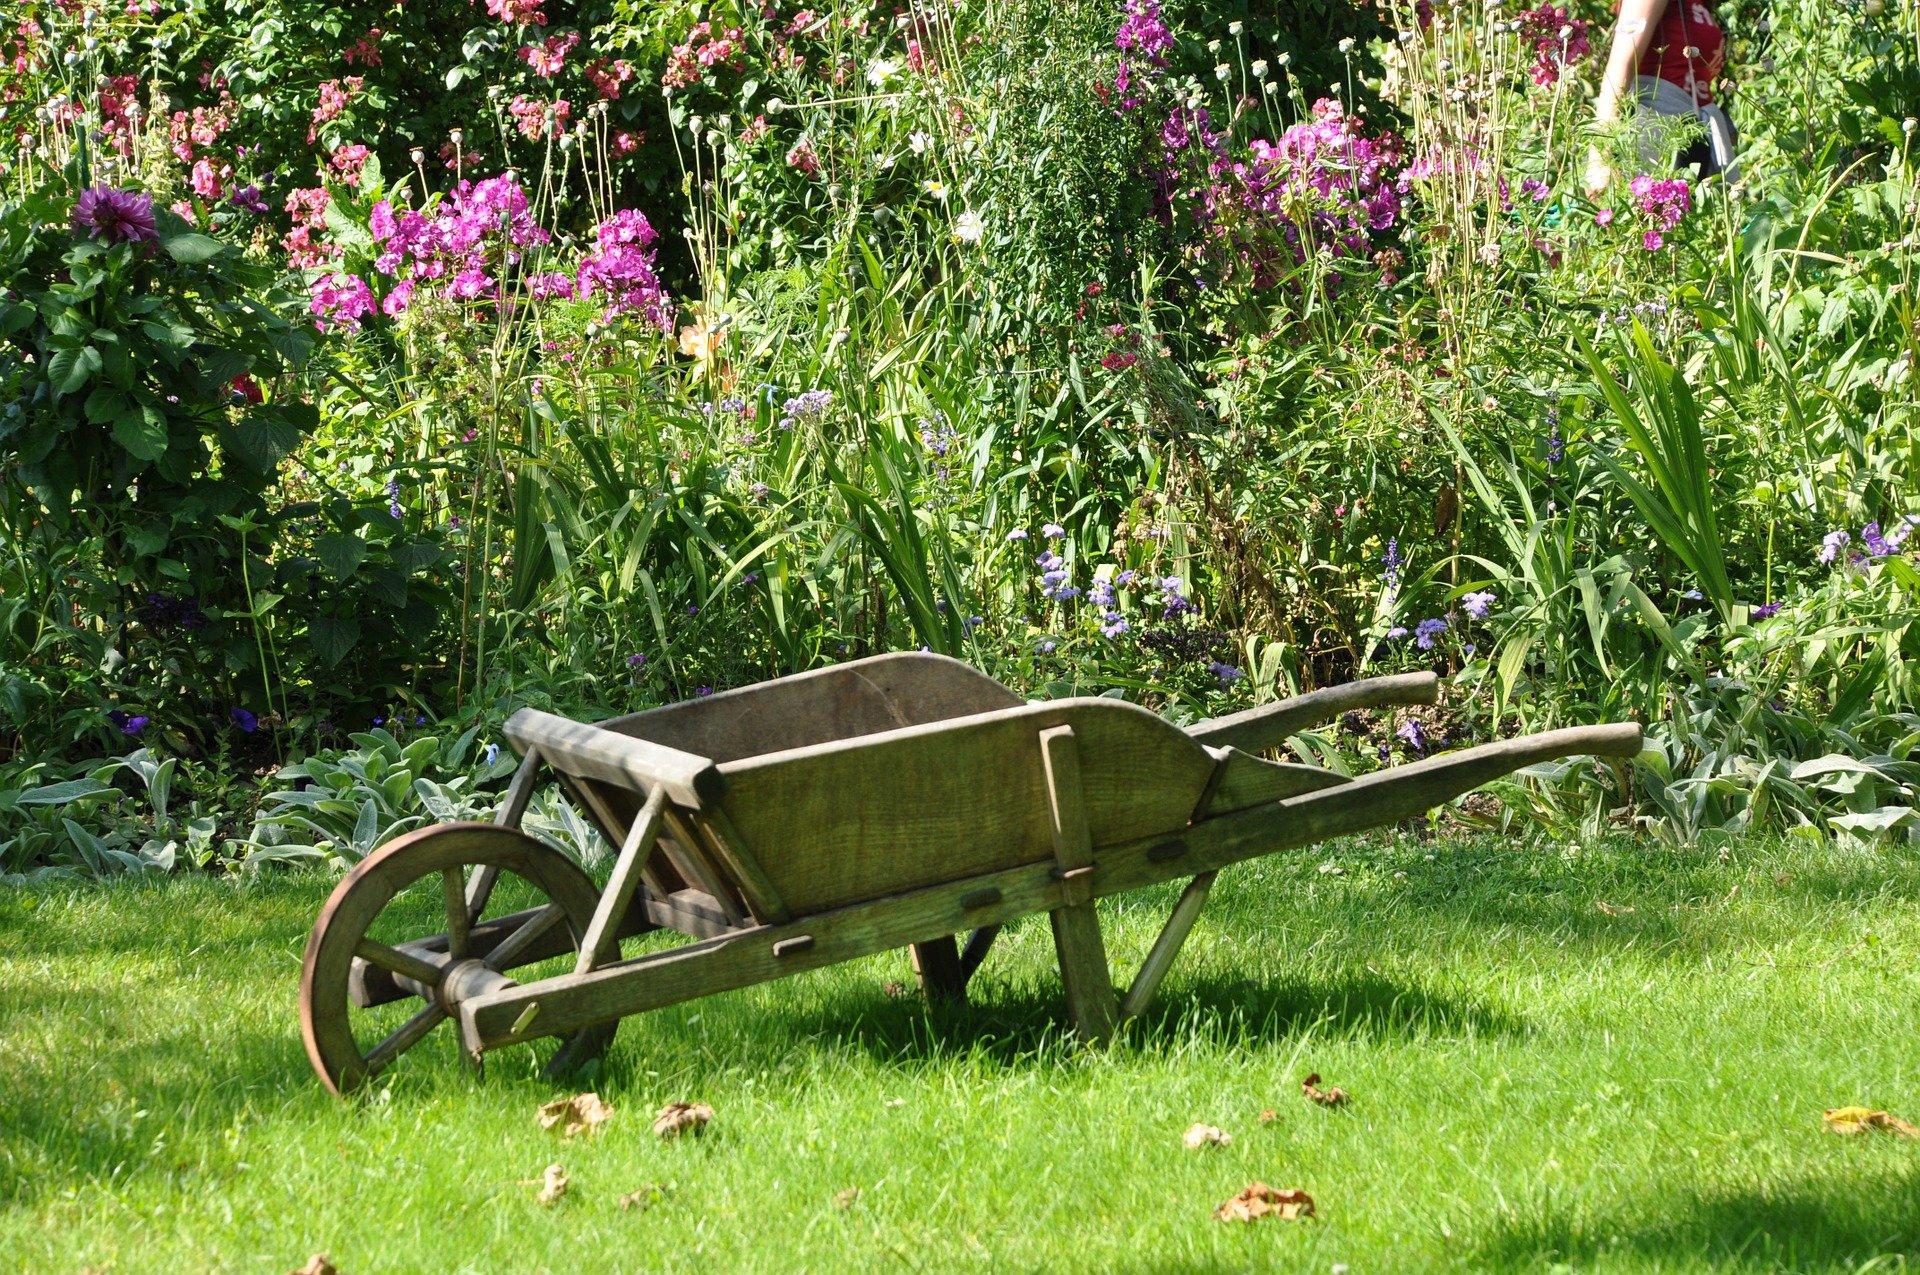 Concours des jardins potagers et d'agrément